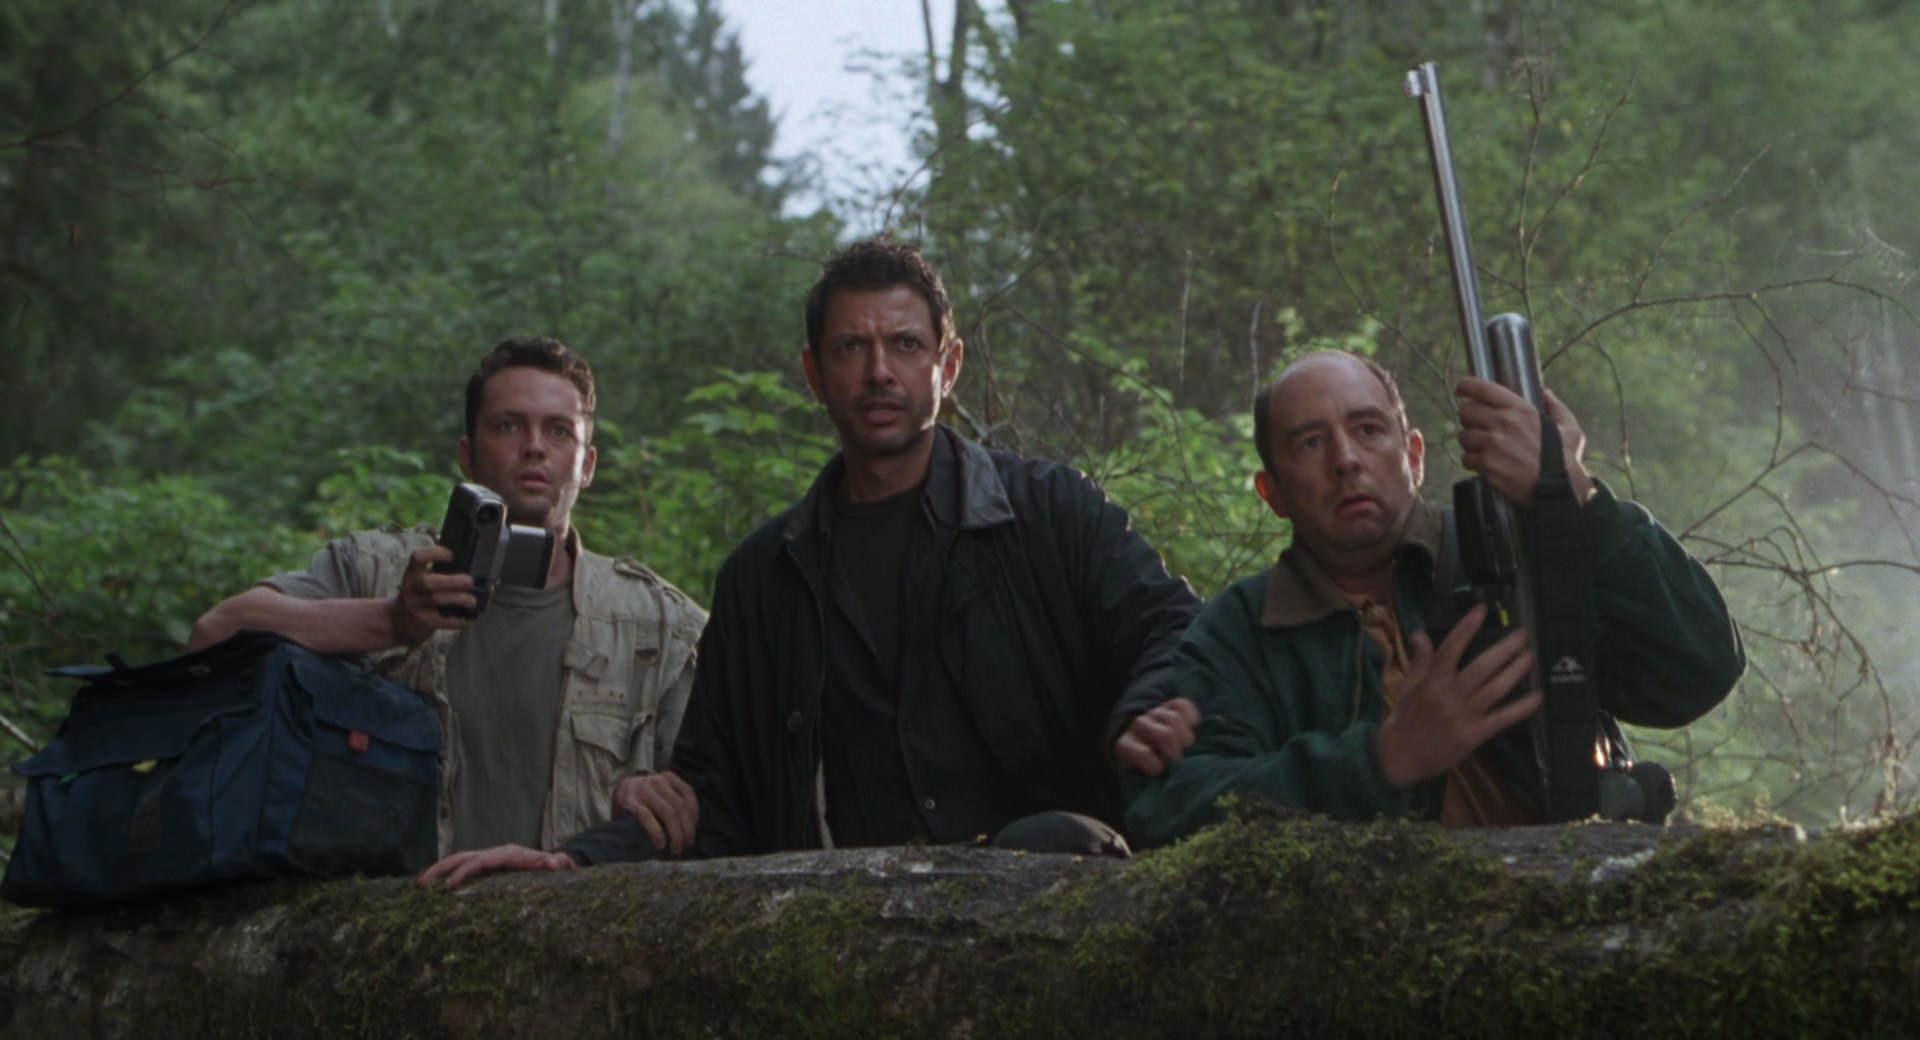 The Lost World Jurassic Park Screencaps are here Jurassic-lost-world-movie-screencaps.com-3127